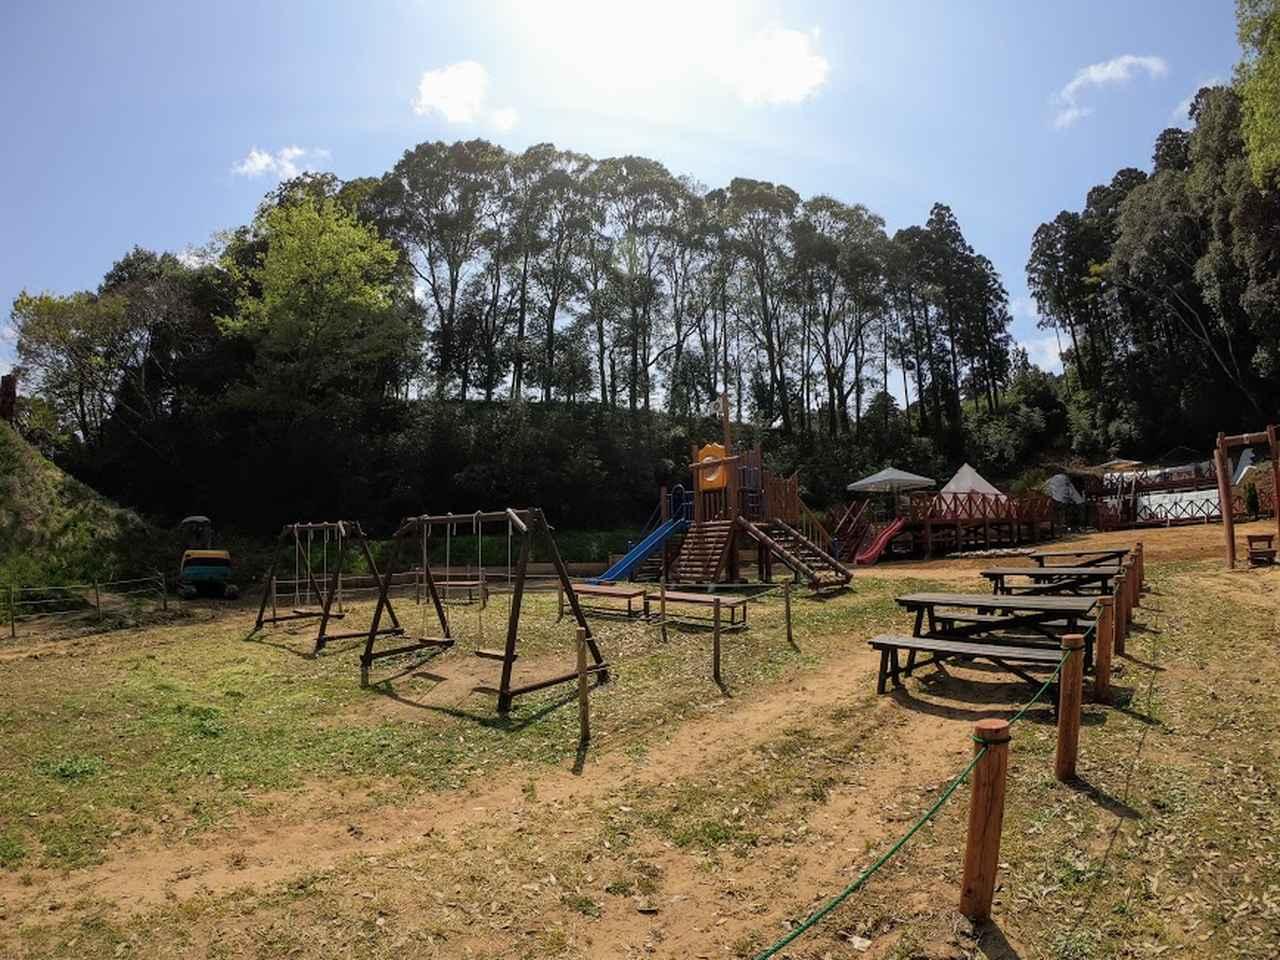 画像: こちらの遊び場は、どの施設に宿泊していても遊べます。